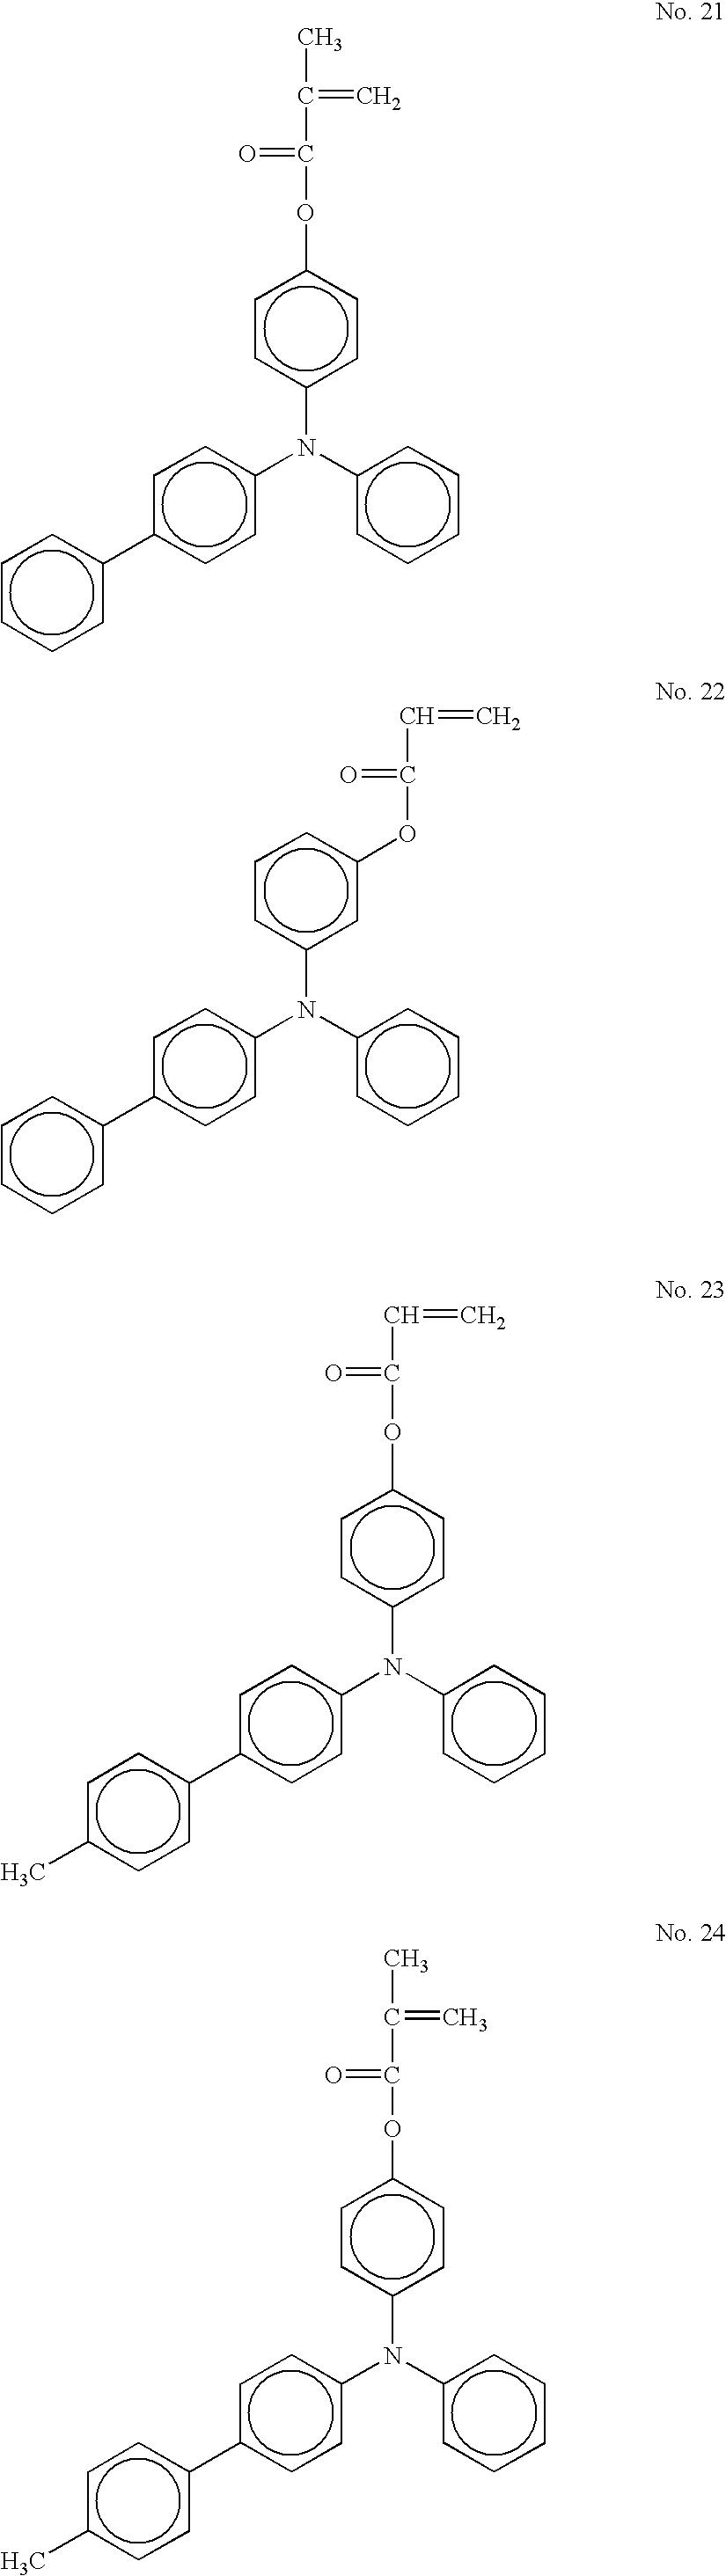 Figure US20060177749A1-20060810-C00024